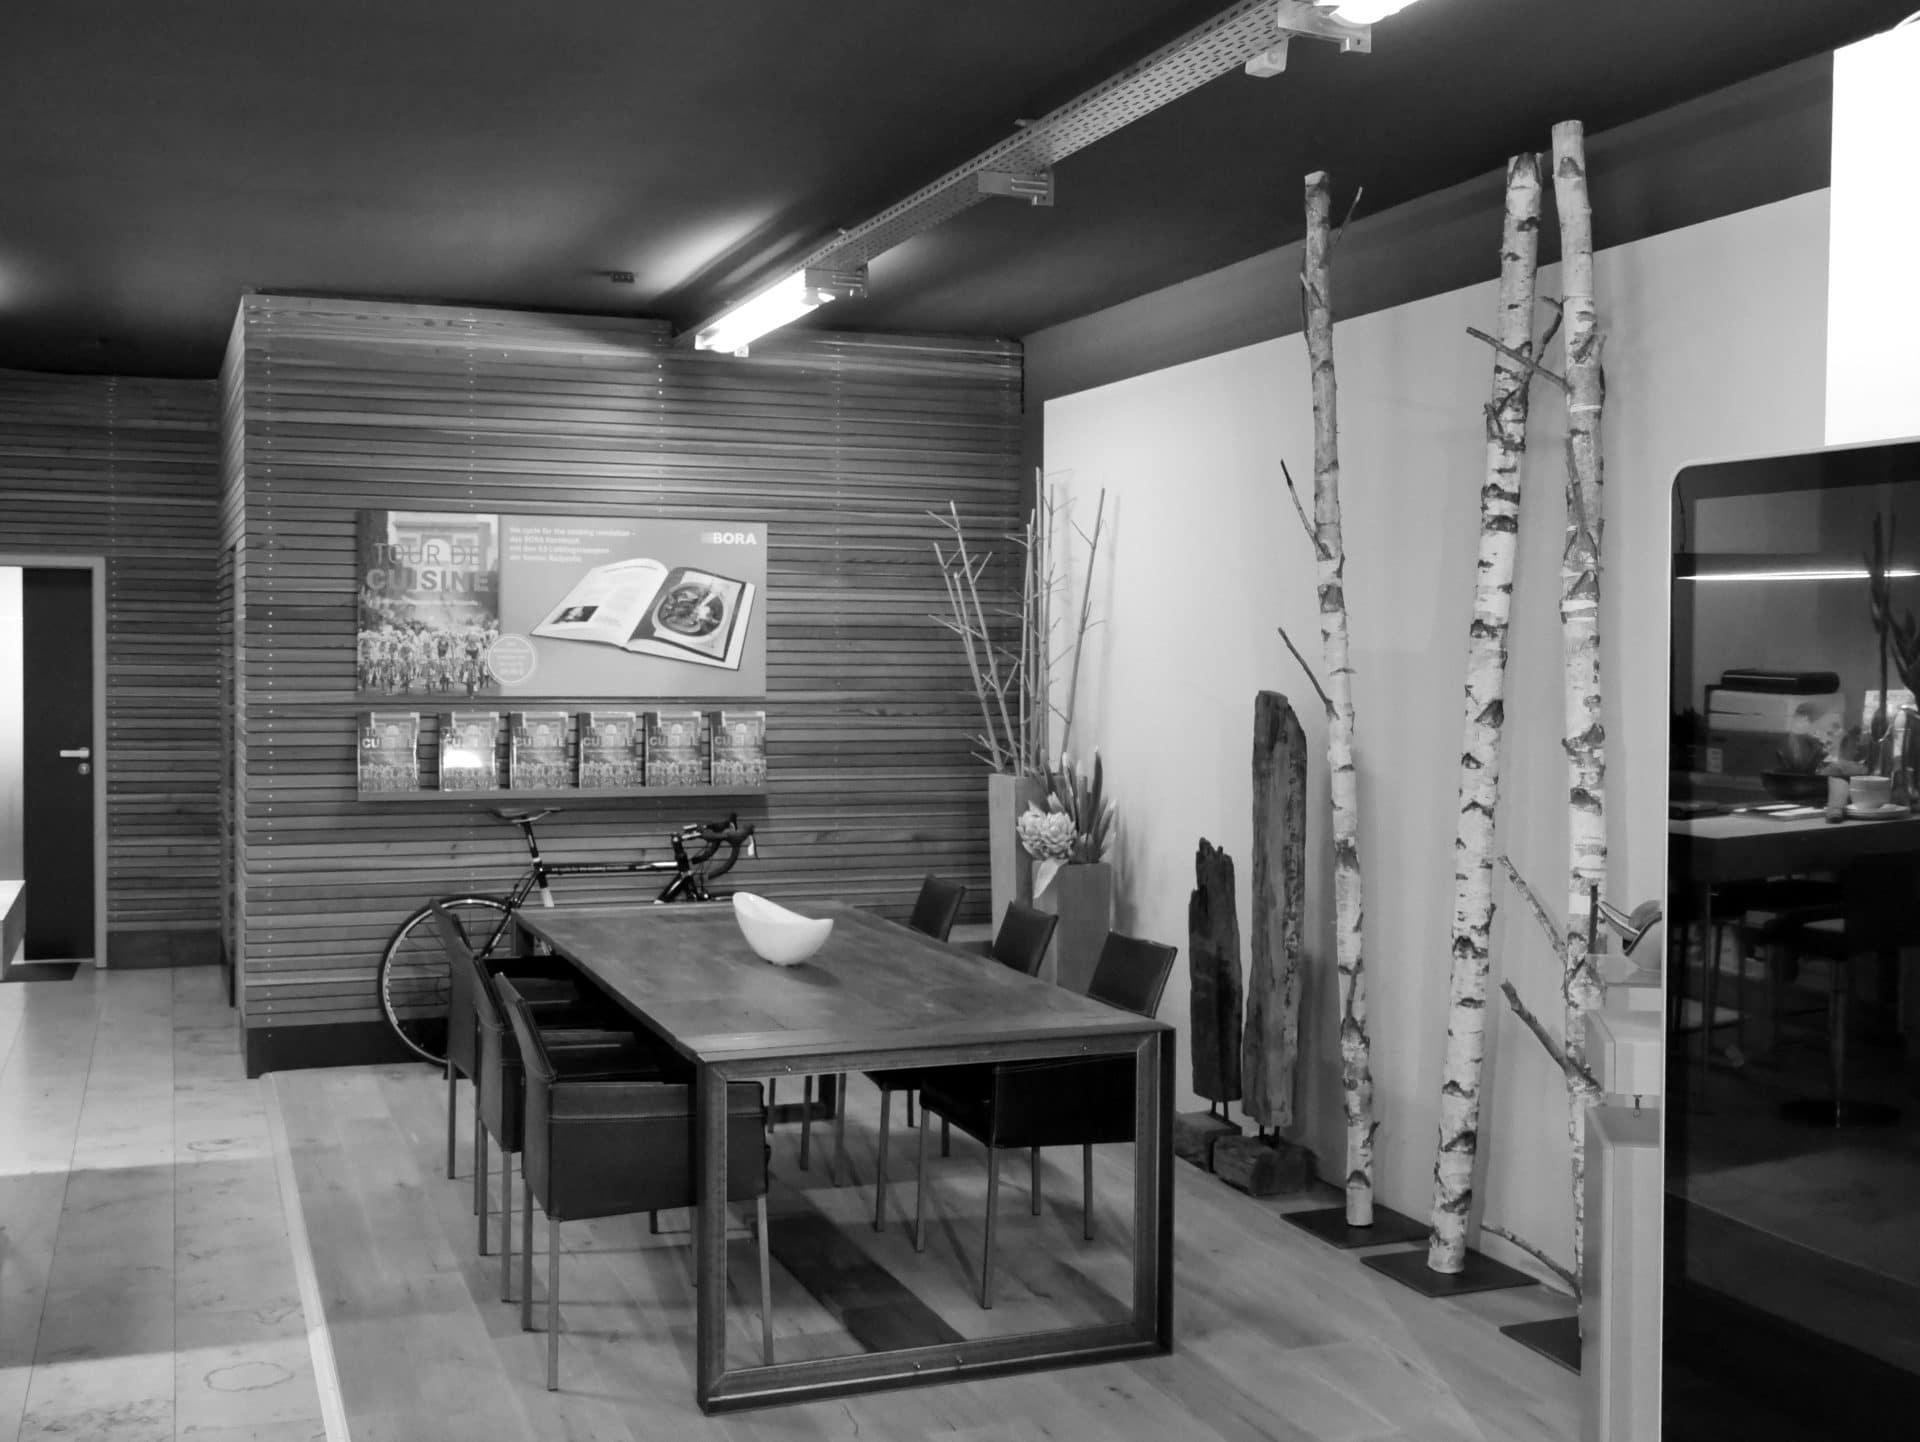 Showroom von Schreinerei und Planungsbüro VOIT in Markt Schwaben, Besprechungsbereich mit Tisch und 6 Stühlen, rechts vor der Wand Dekoration aus Holz - Bild in schwarz-weiß